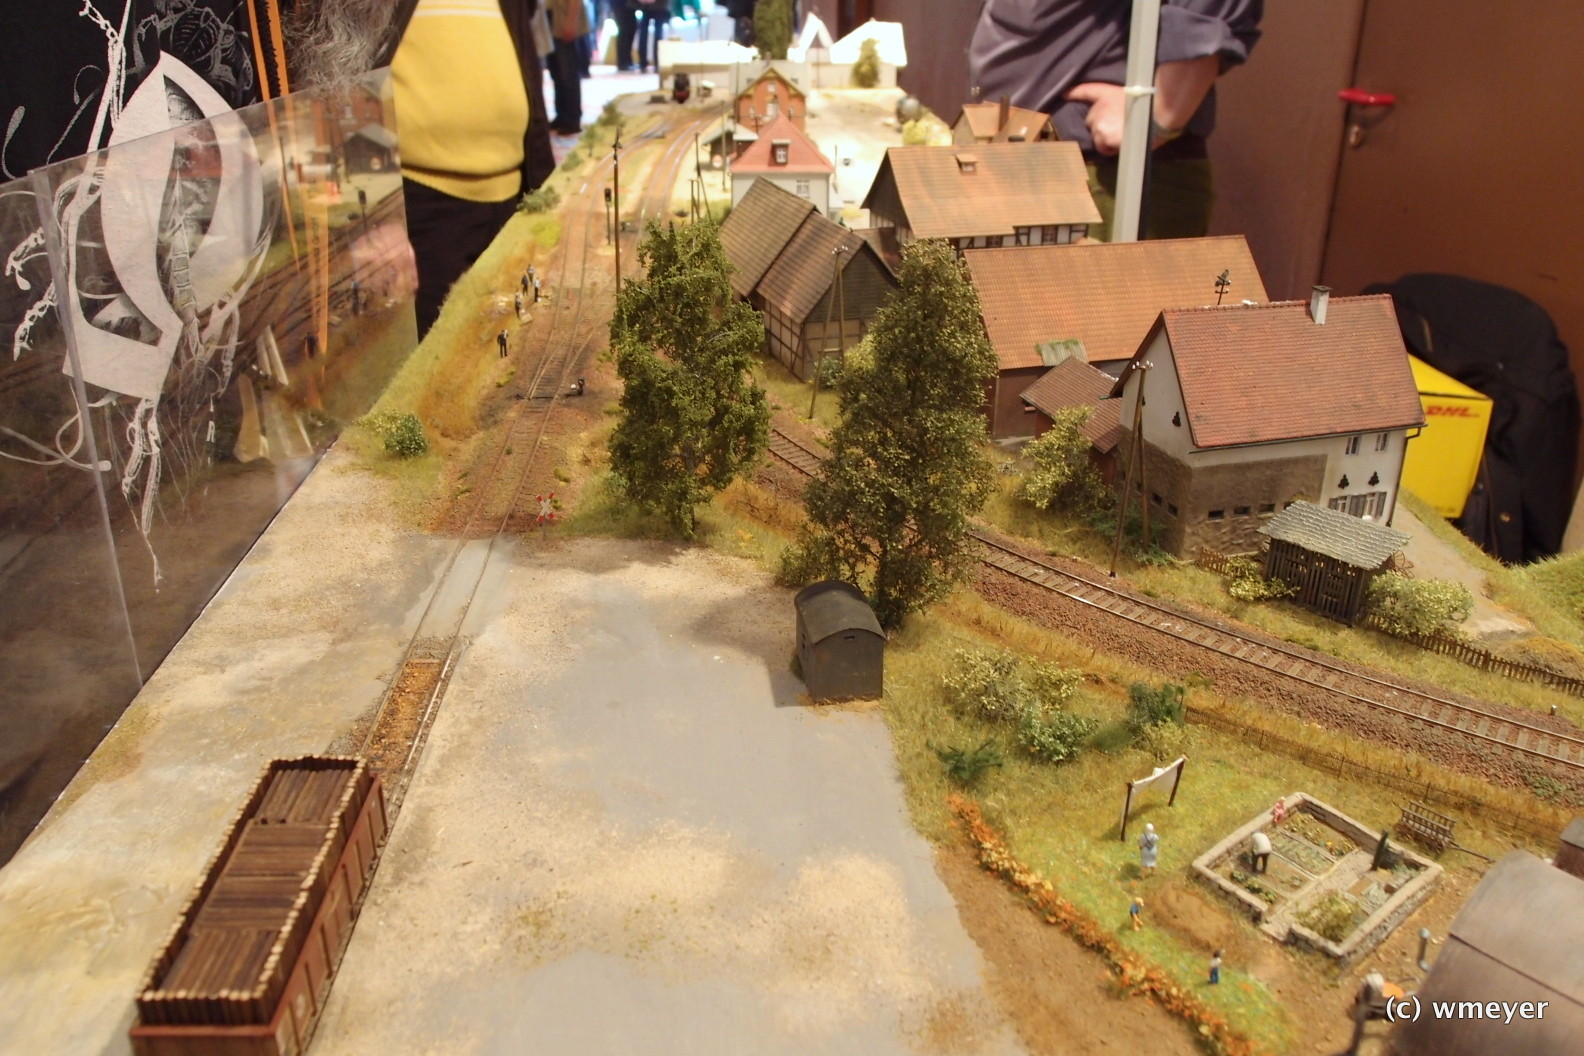 Bahnhof einer Kleinbahn in H0